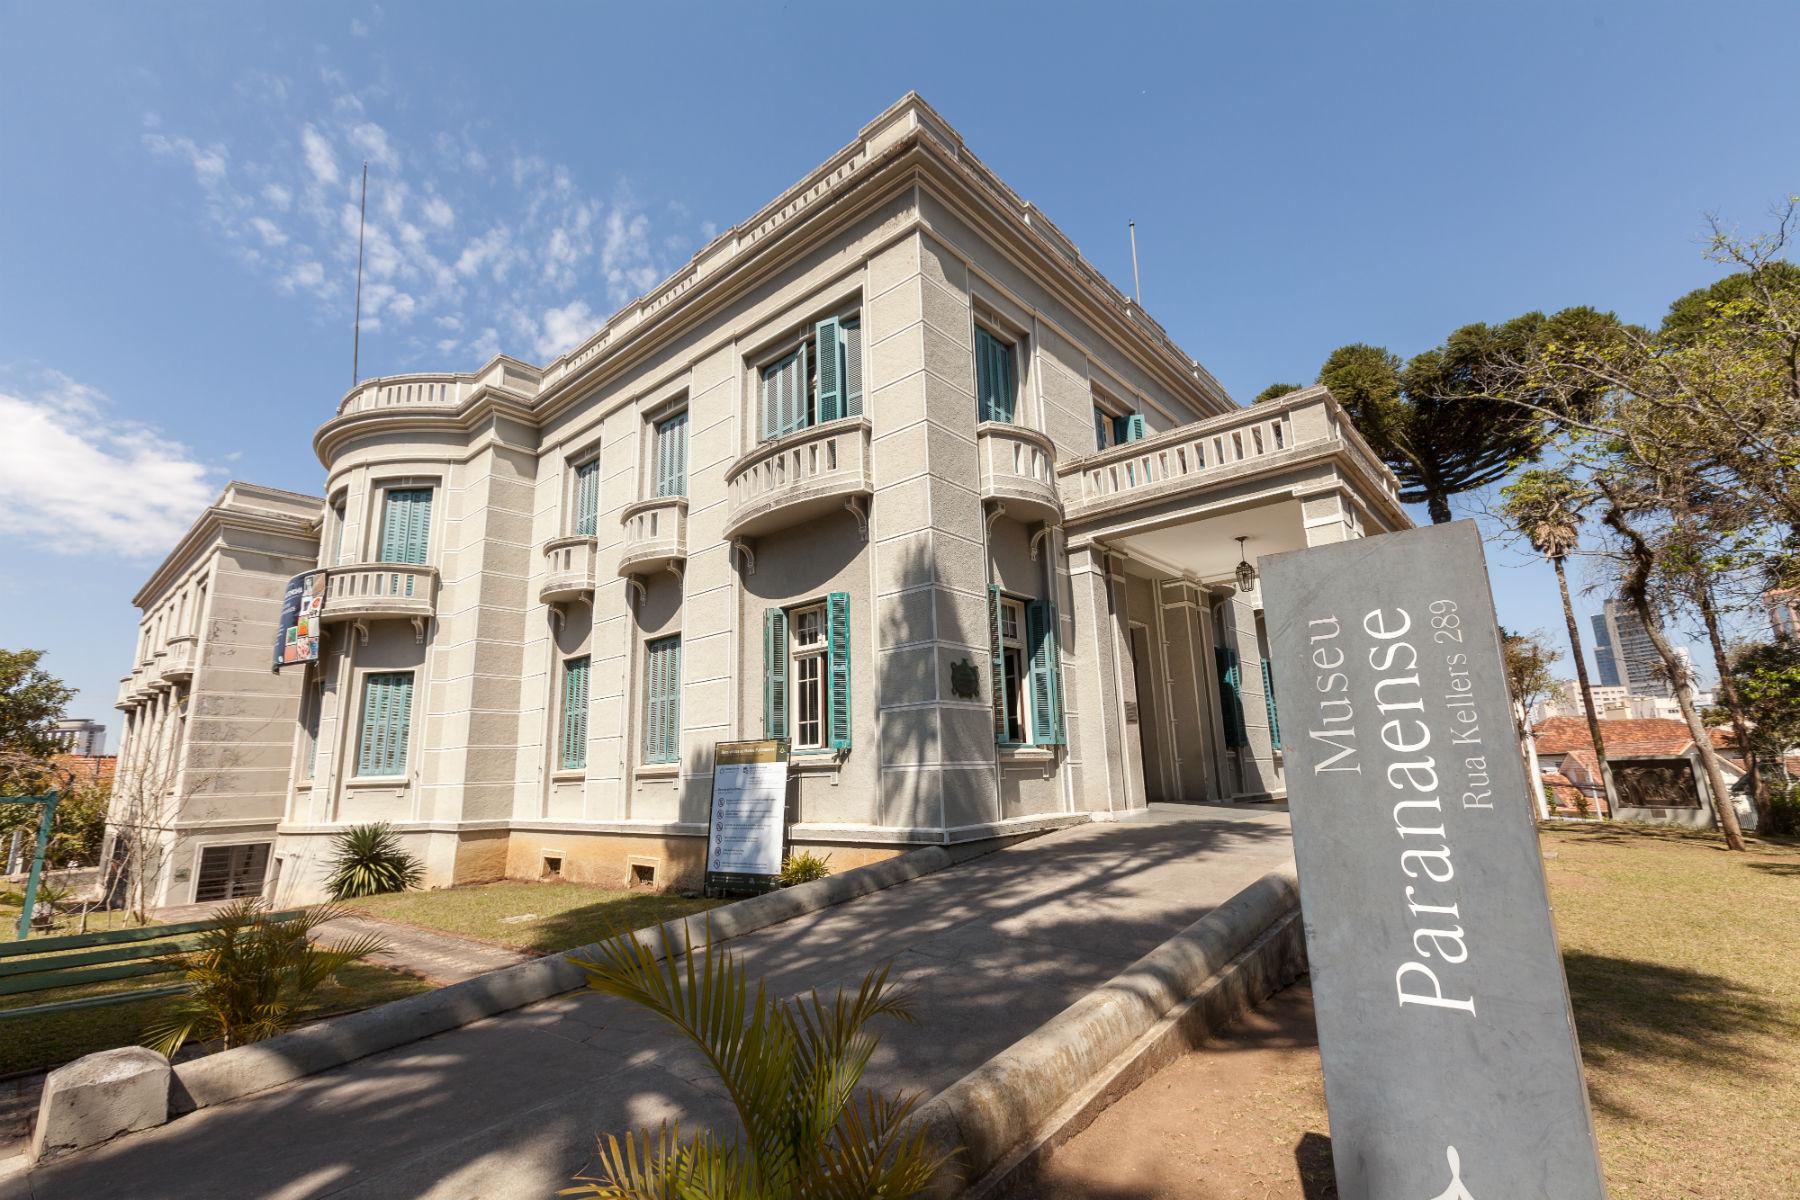 Da pré-história à venda do Banestado: visita ao Museu Paranaense é aula de história do estado e do Brasil